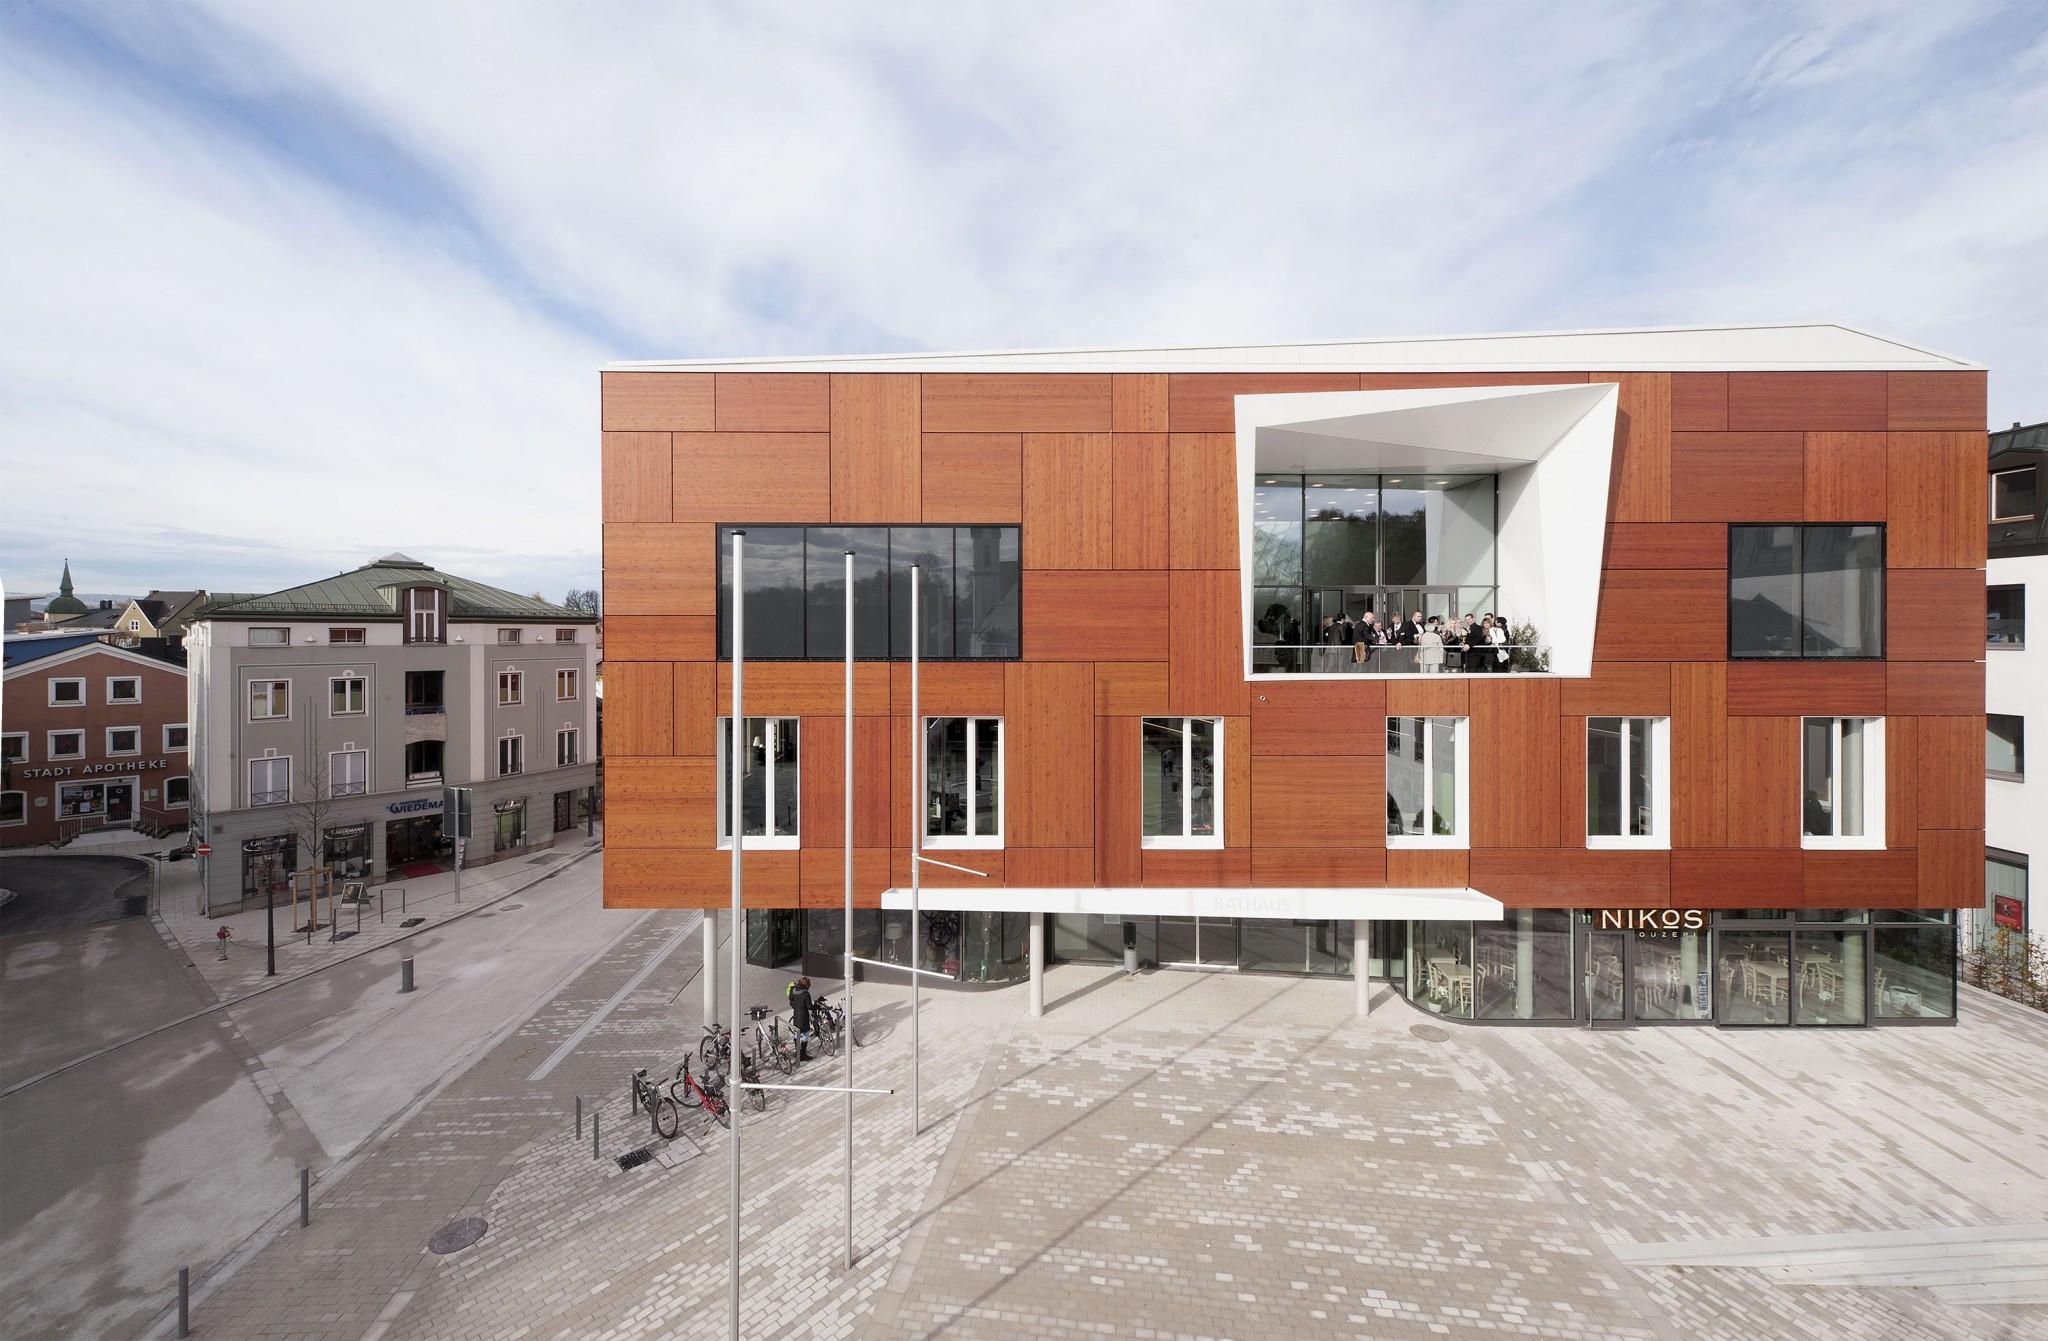 Rathaus Neubau und Platzgestaltung in Bad Aibling - muenchenarchitektur